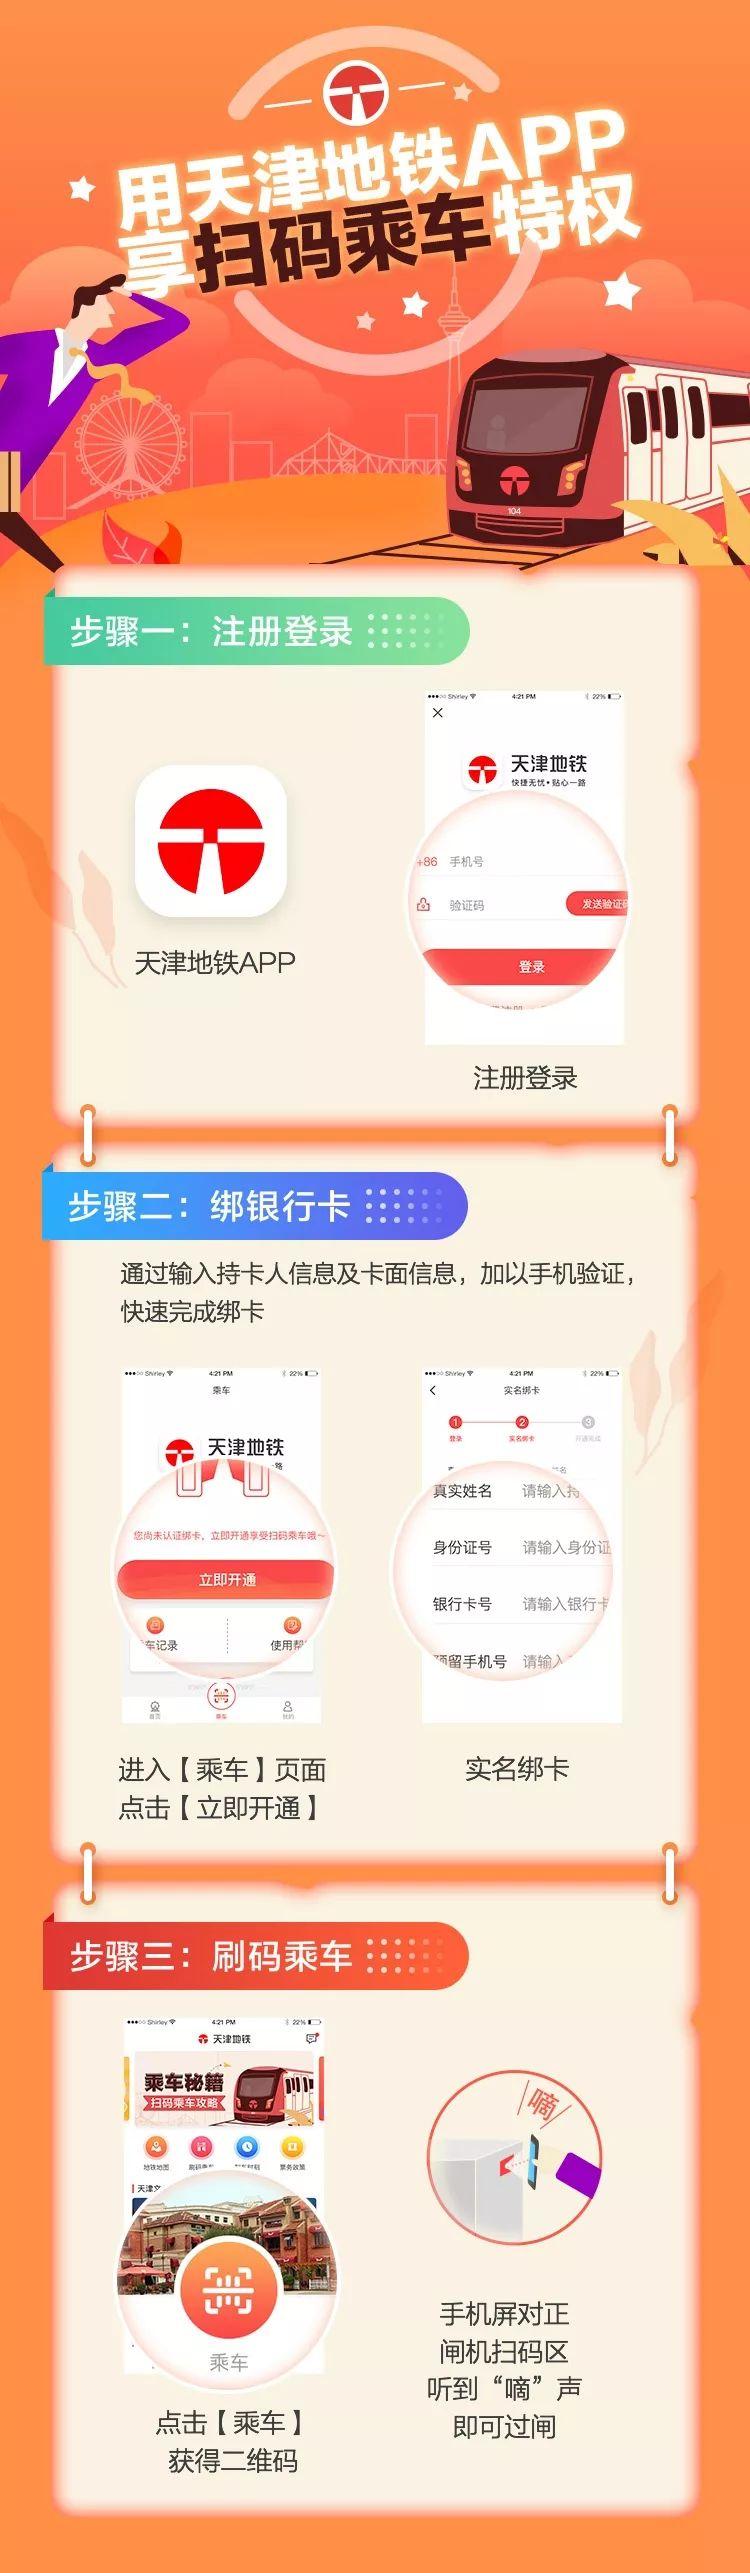 天津1.8元乘地铁活动攻略(时间 操作指南)